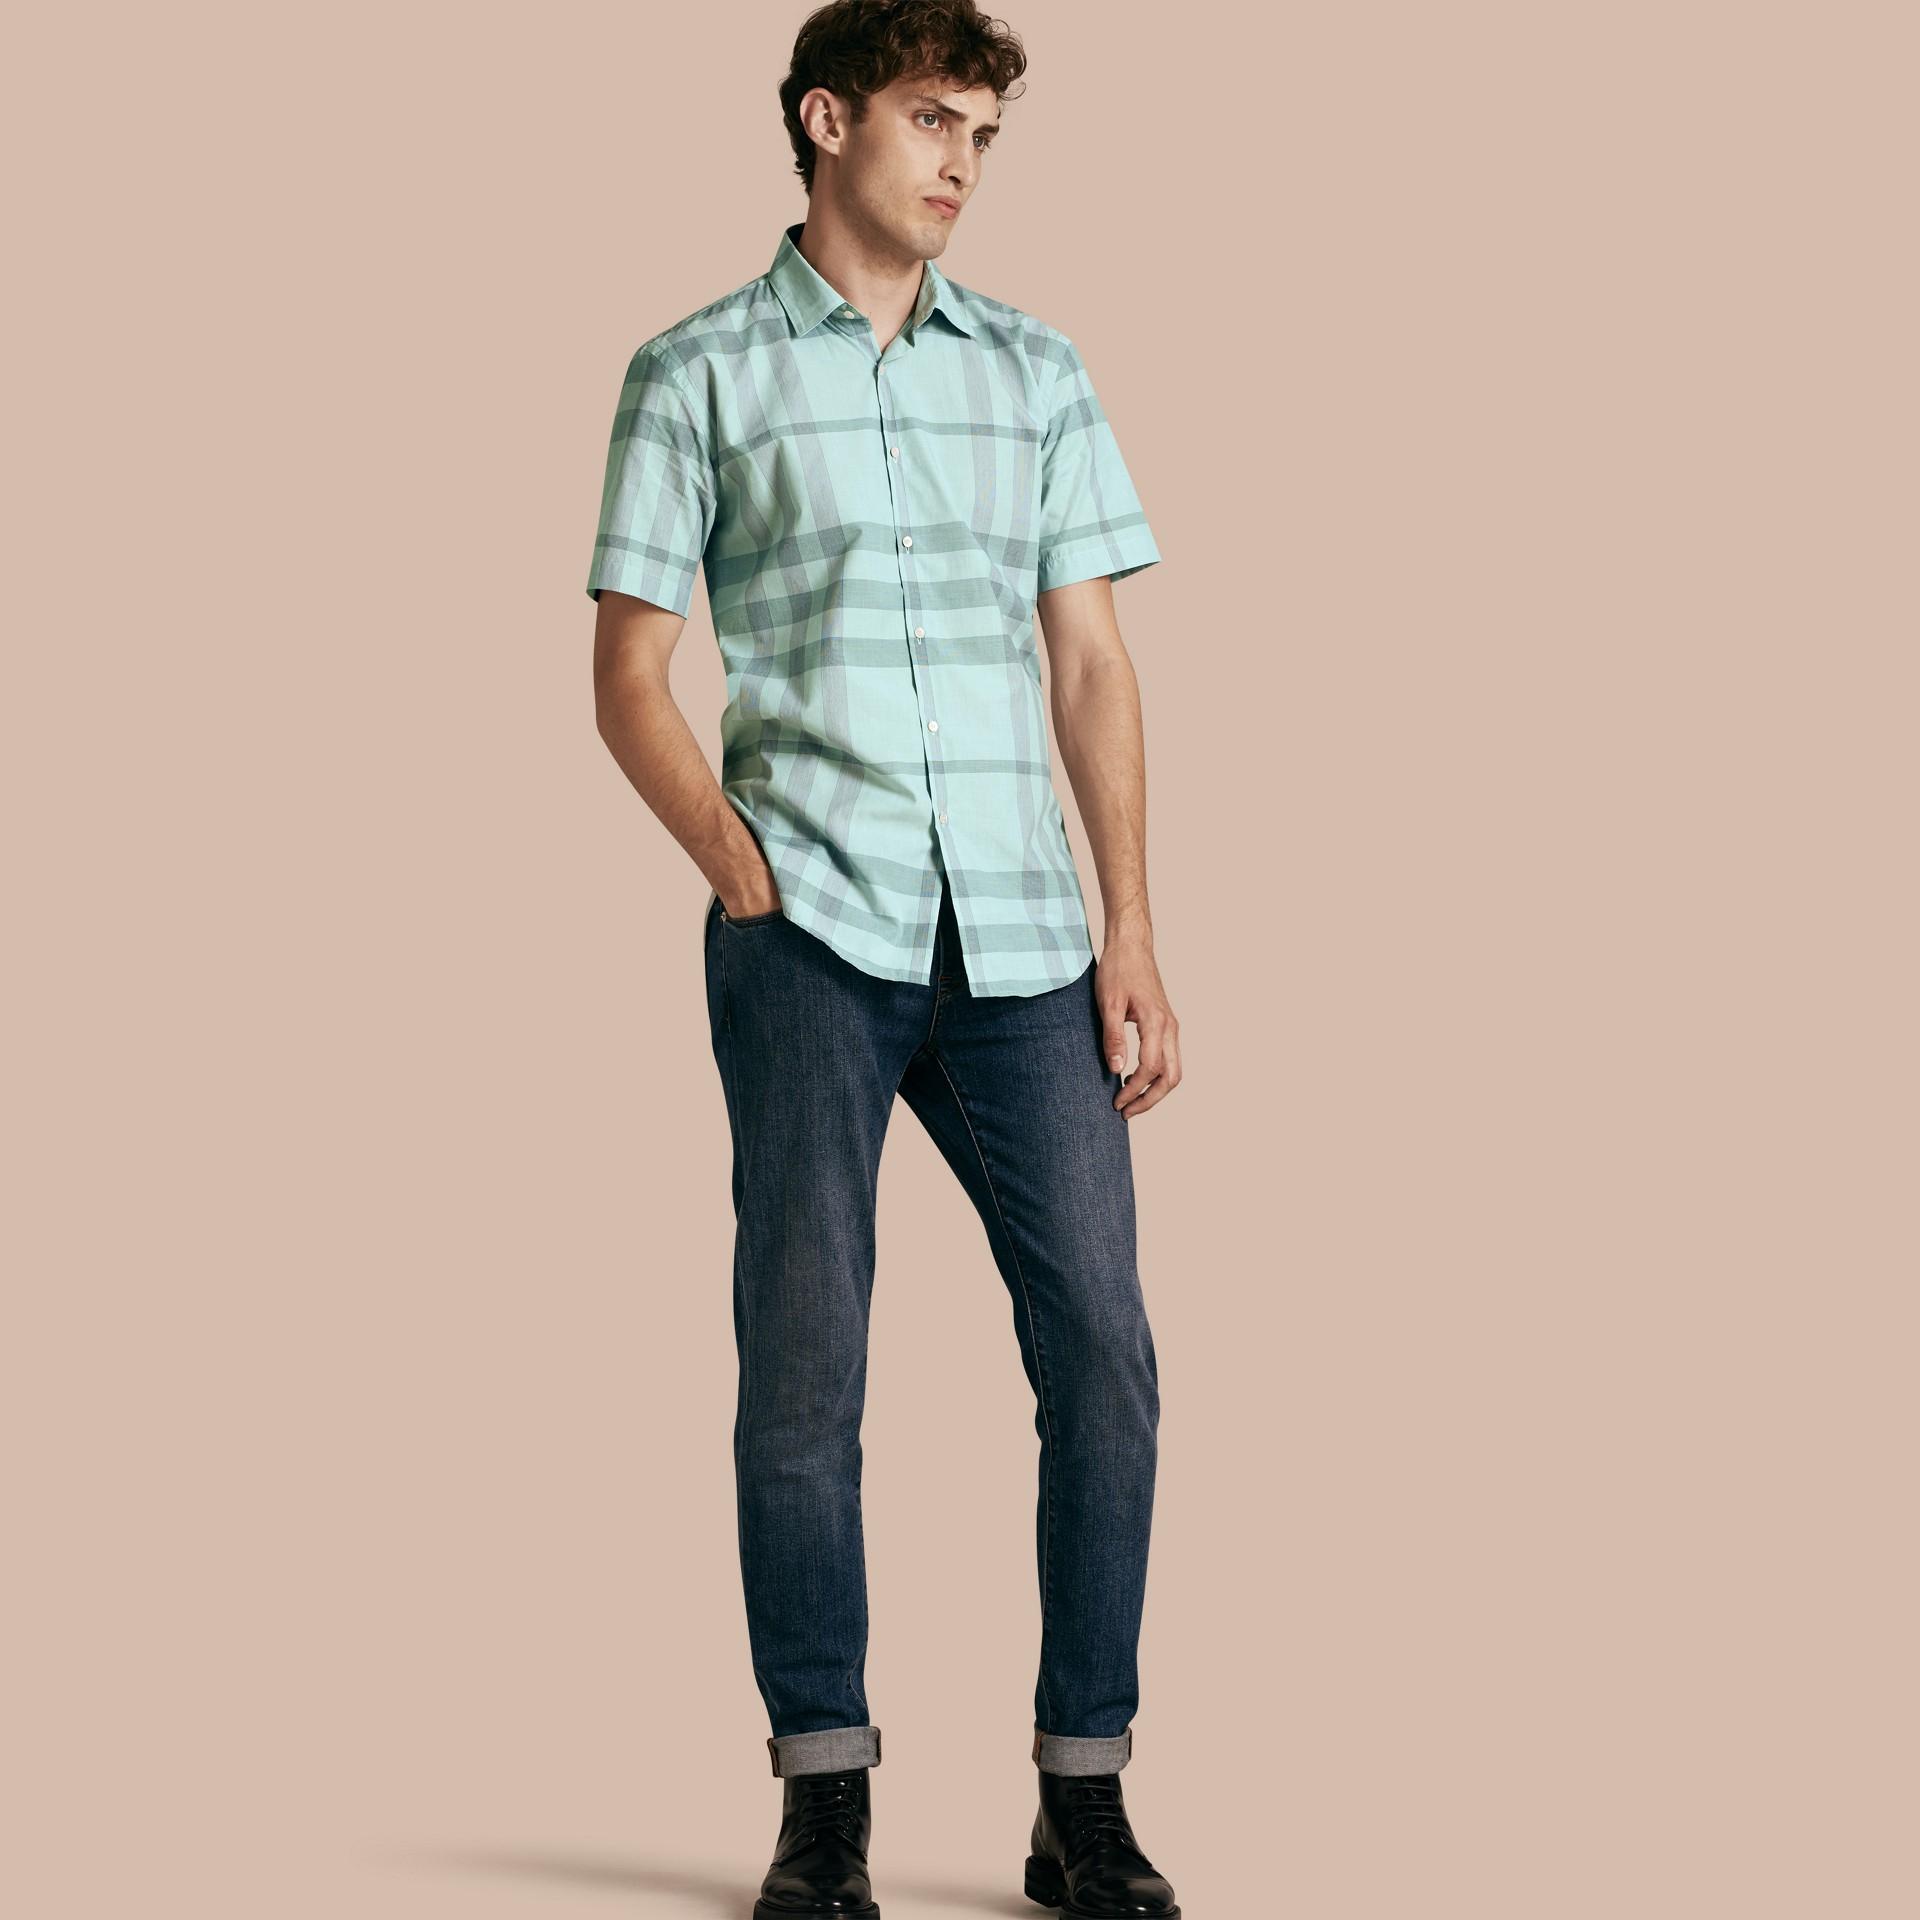 유칼립투스 그린 쇼트 슬리브 체크 코튼 셔츠 유칼립투스 그린 - 갤러리 이미지 1